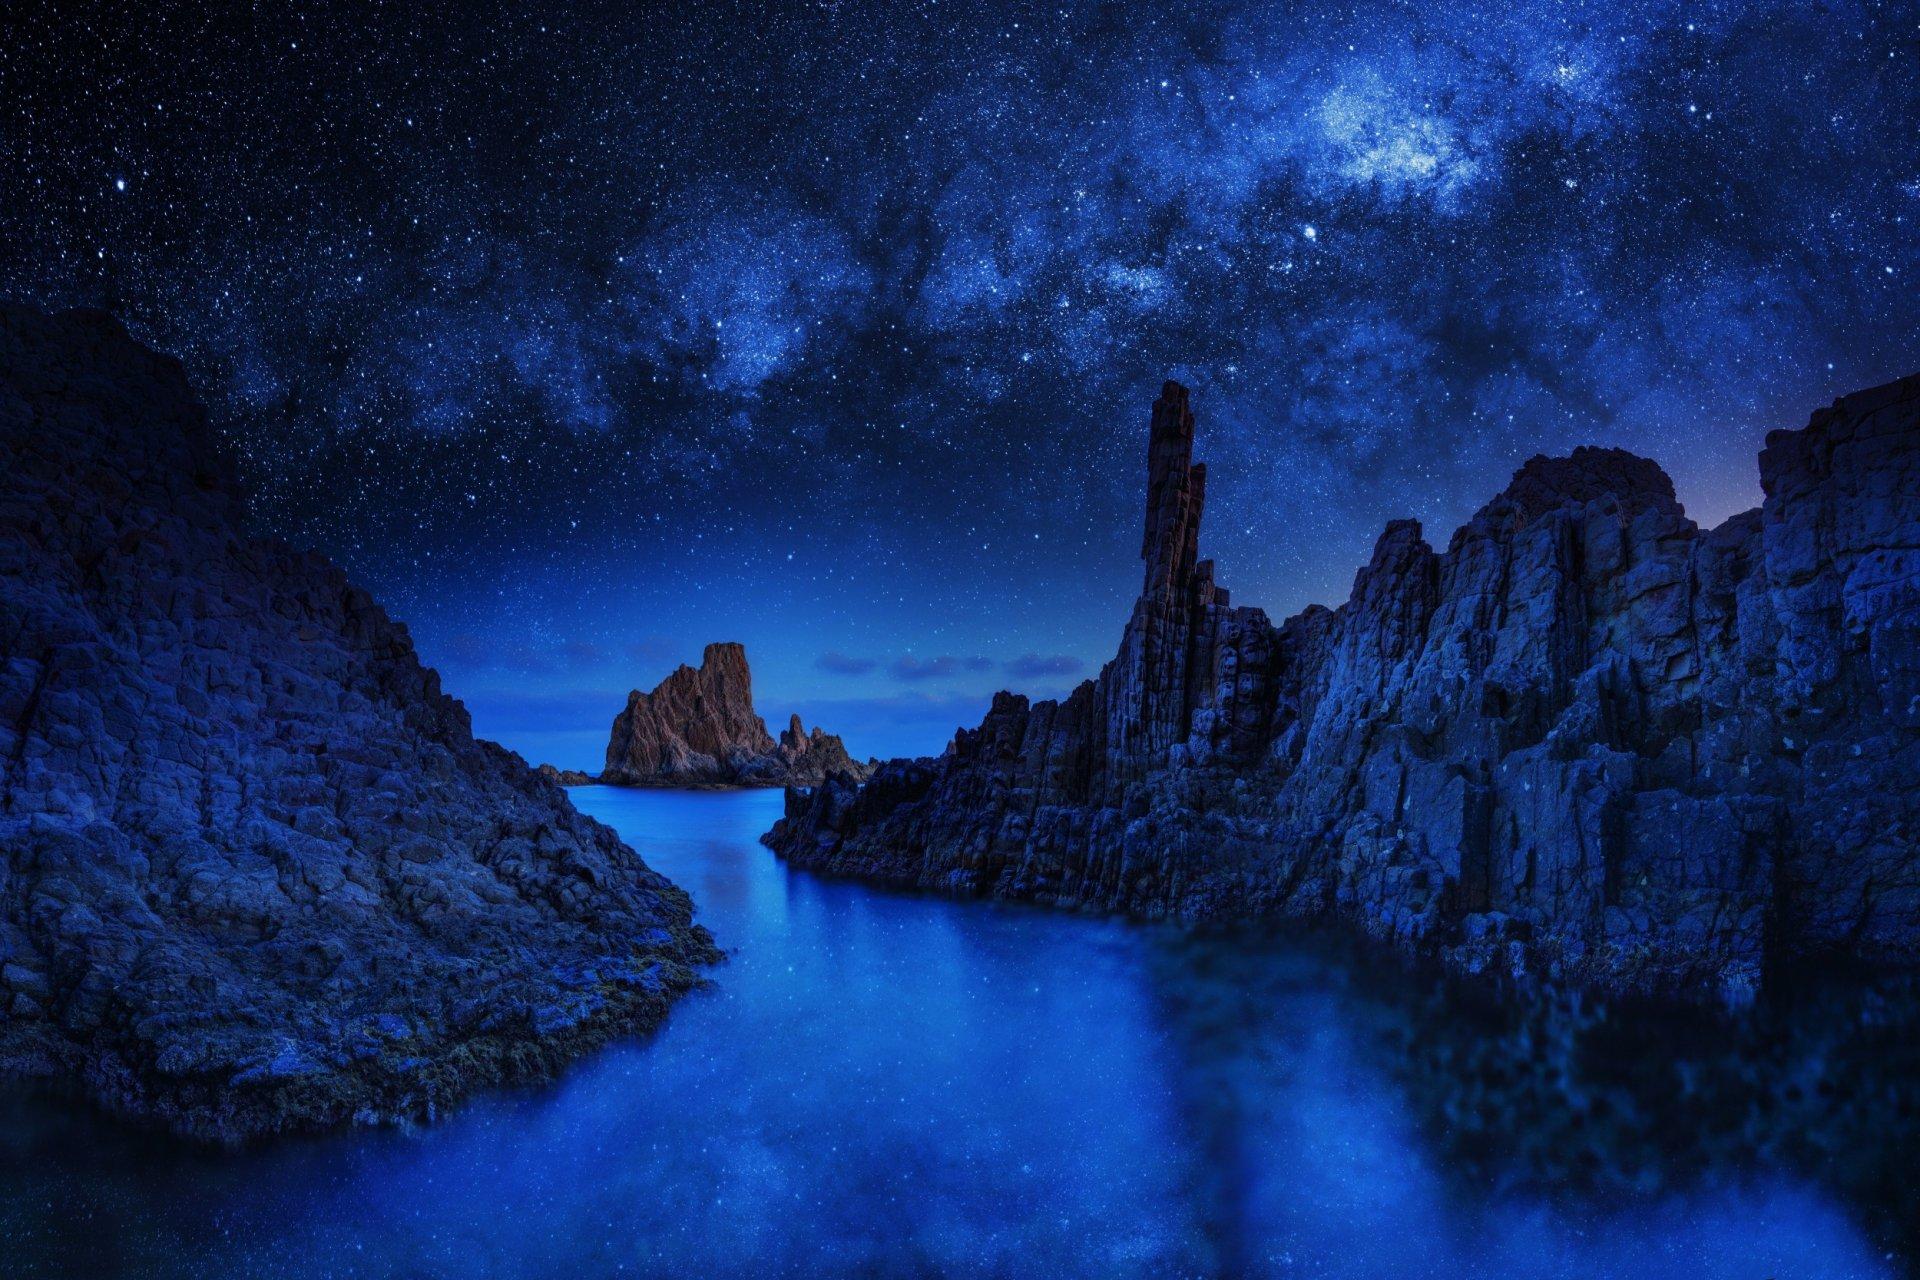 картинки синяя ночь разновидность изобразительного